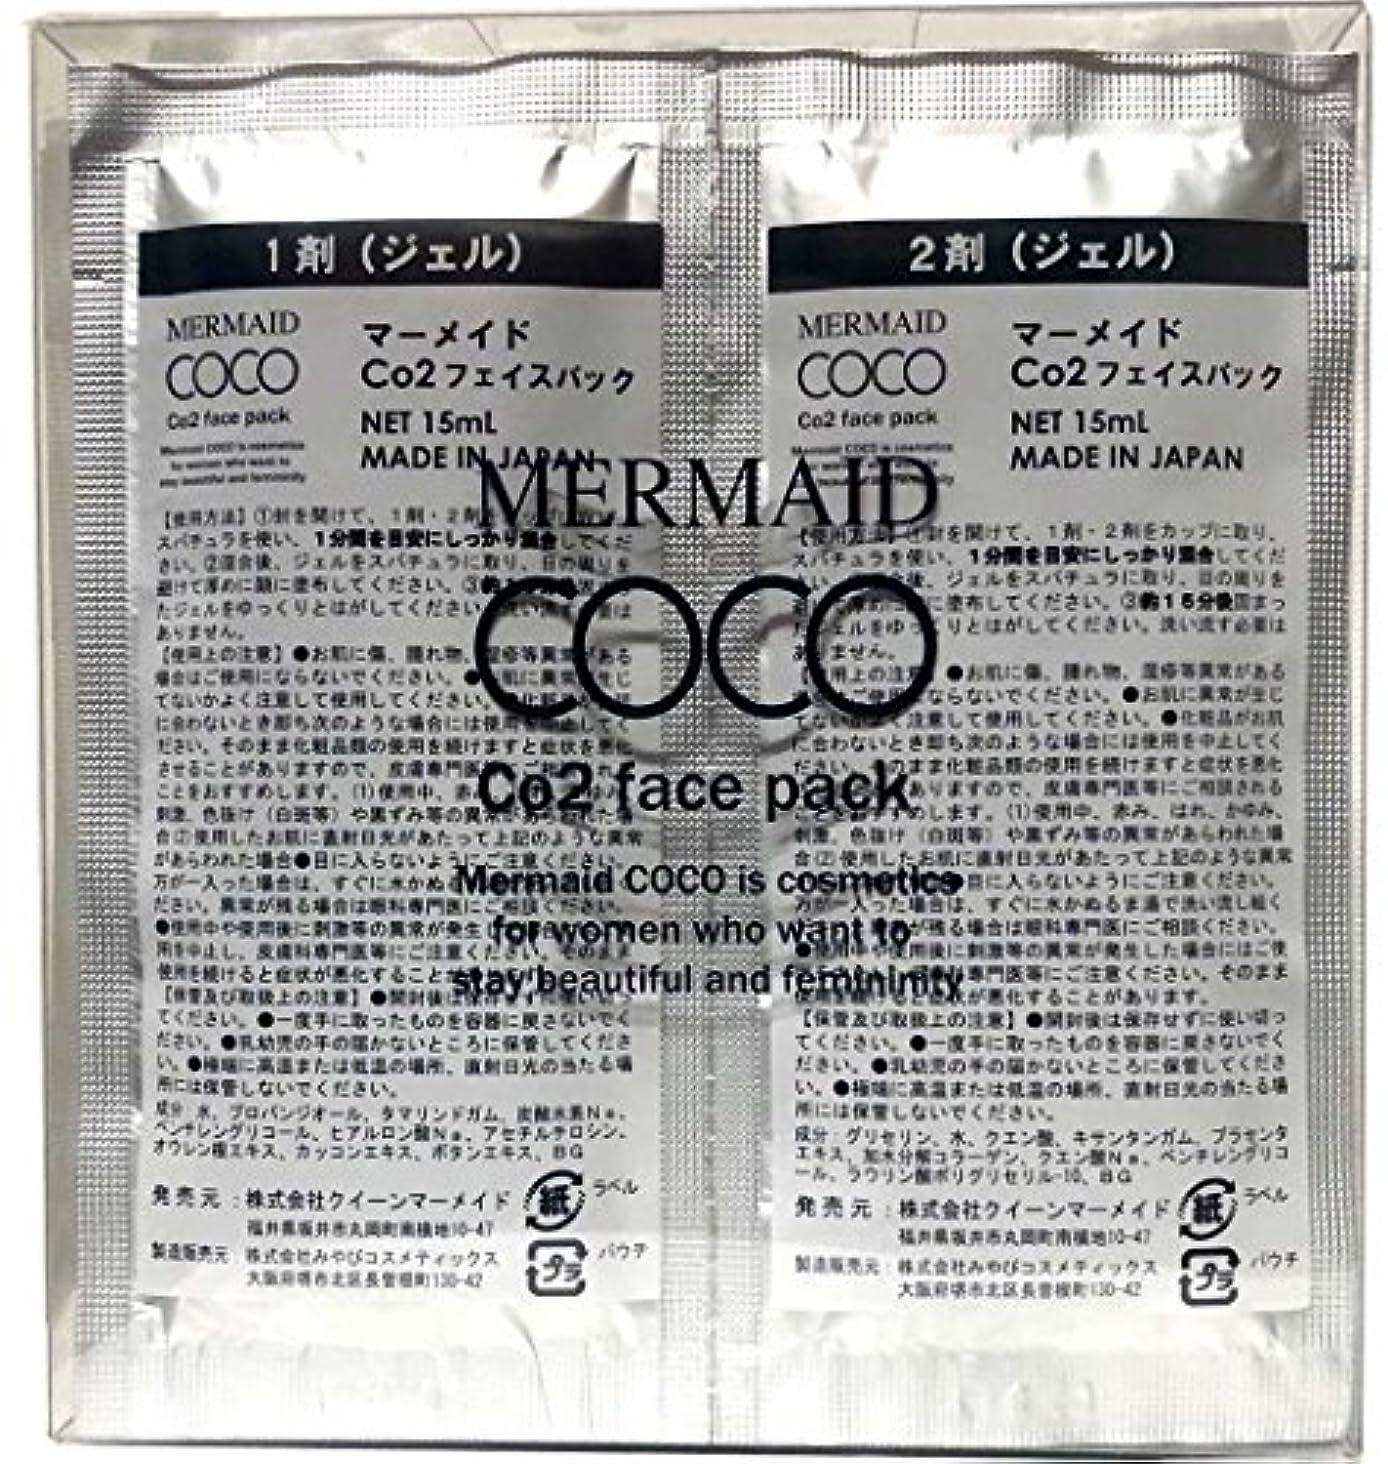 洞察力のあるこねる反逆マーメイド ココ  MERMAID COCO Co2 フェイスパック 10回分